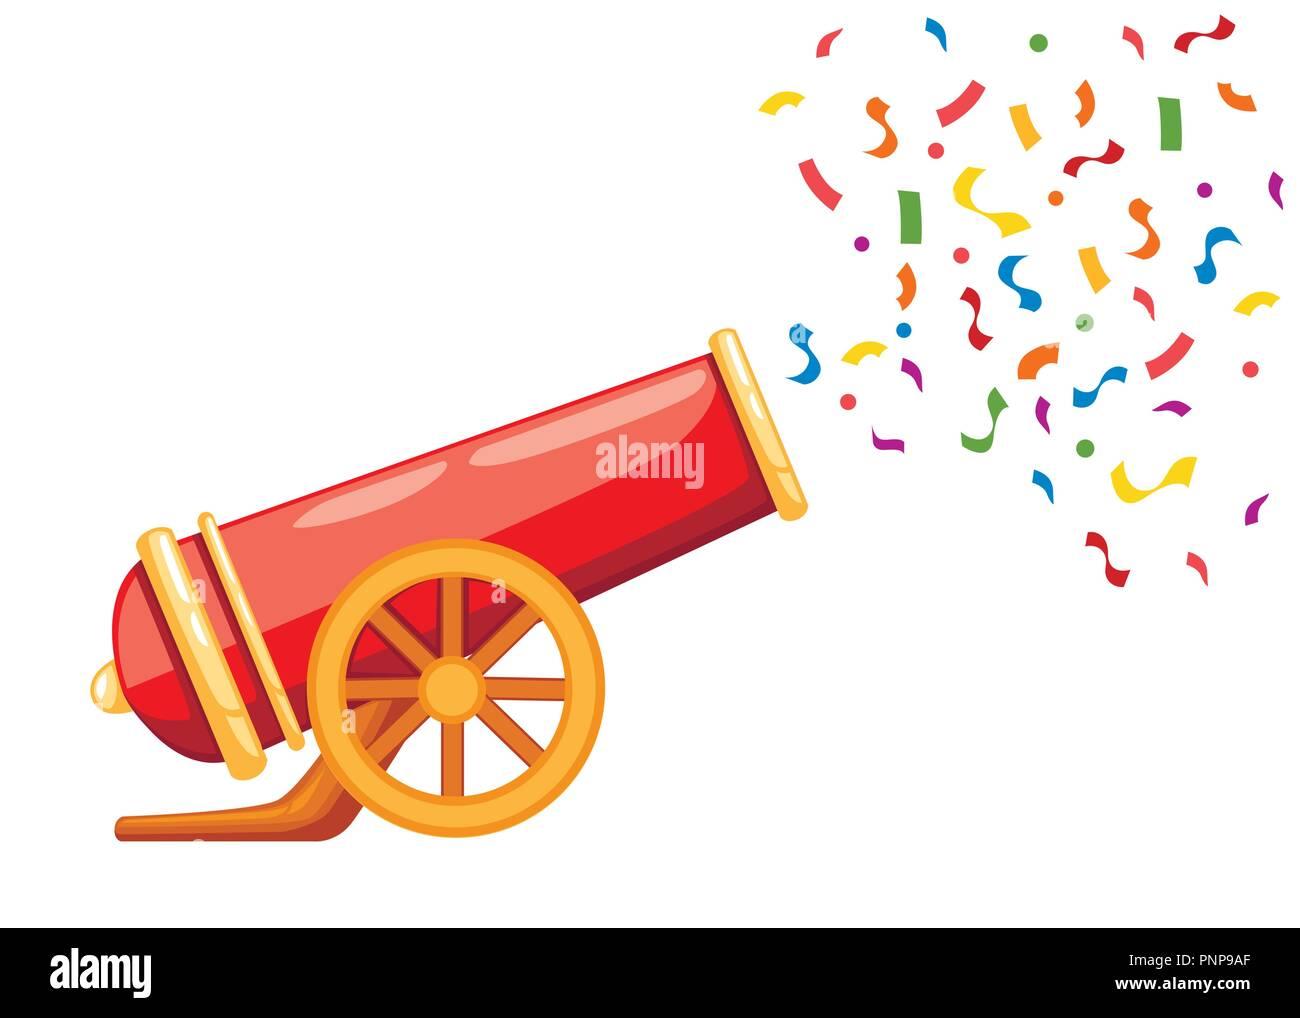 Rosso Antico Colpi Di Cannone Coriandoli Circus Cannon Vettore Di